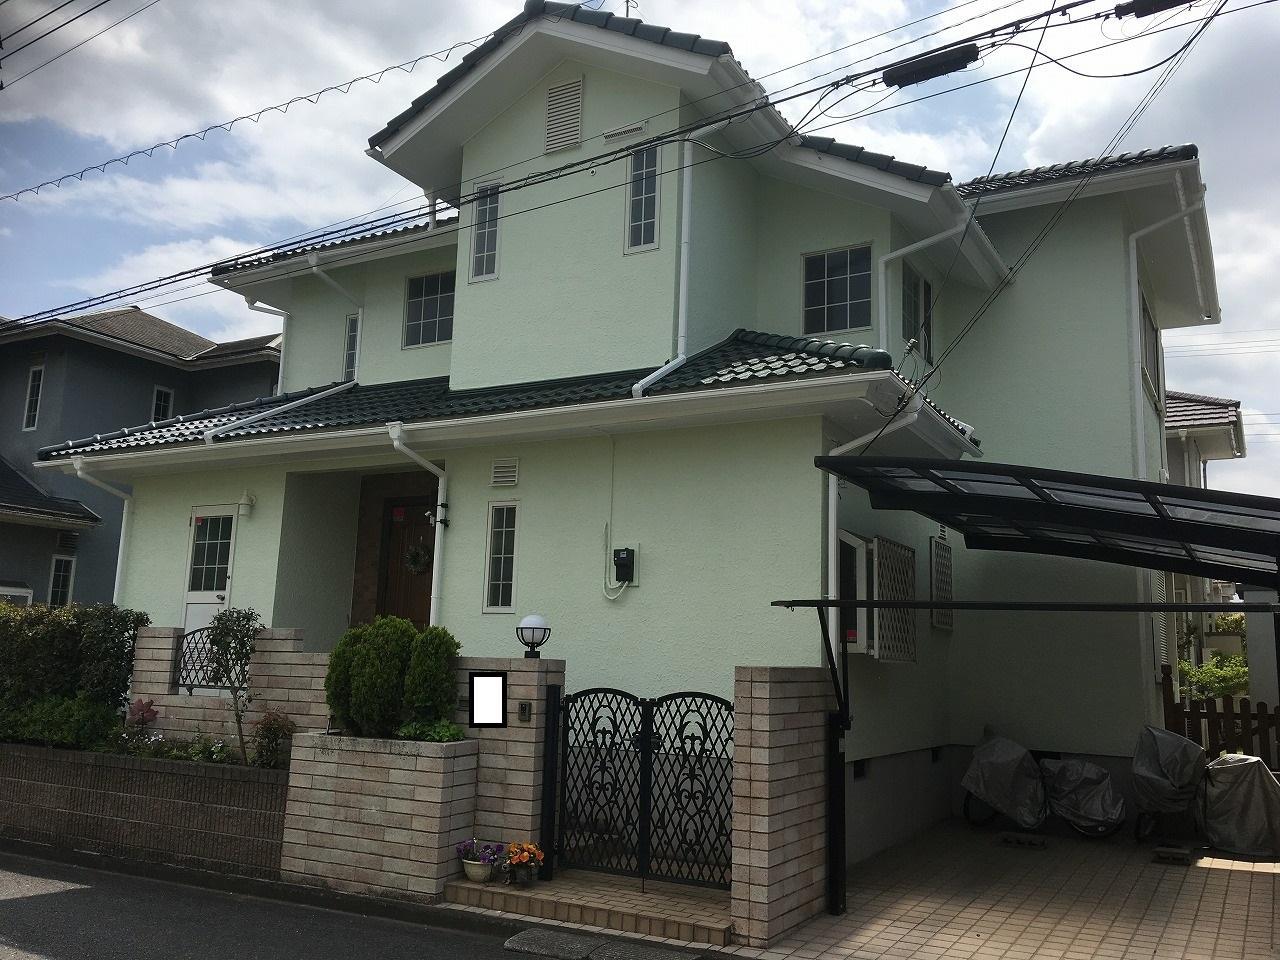 印旛郡M様邸 外壁塗装・屋根塗装工事が完成しました!